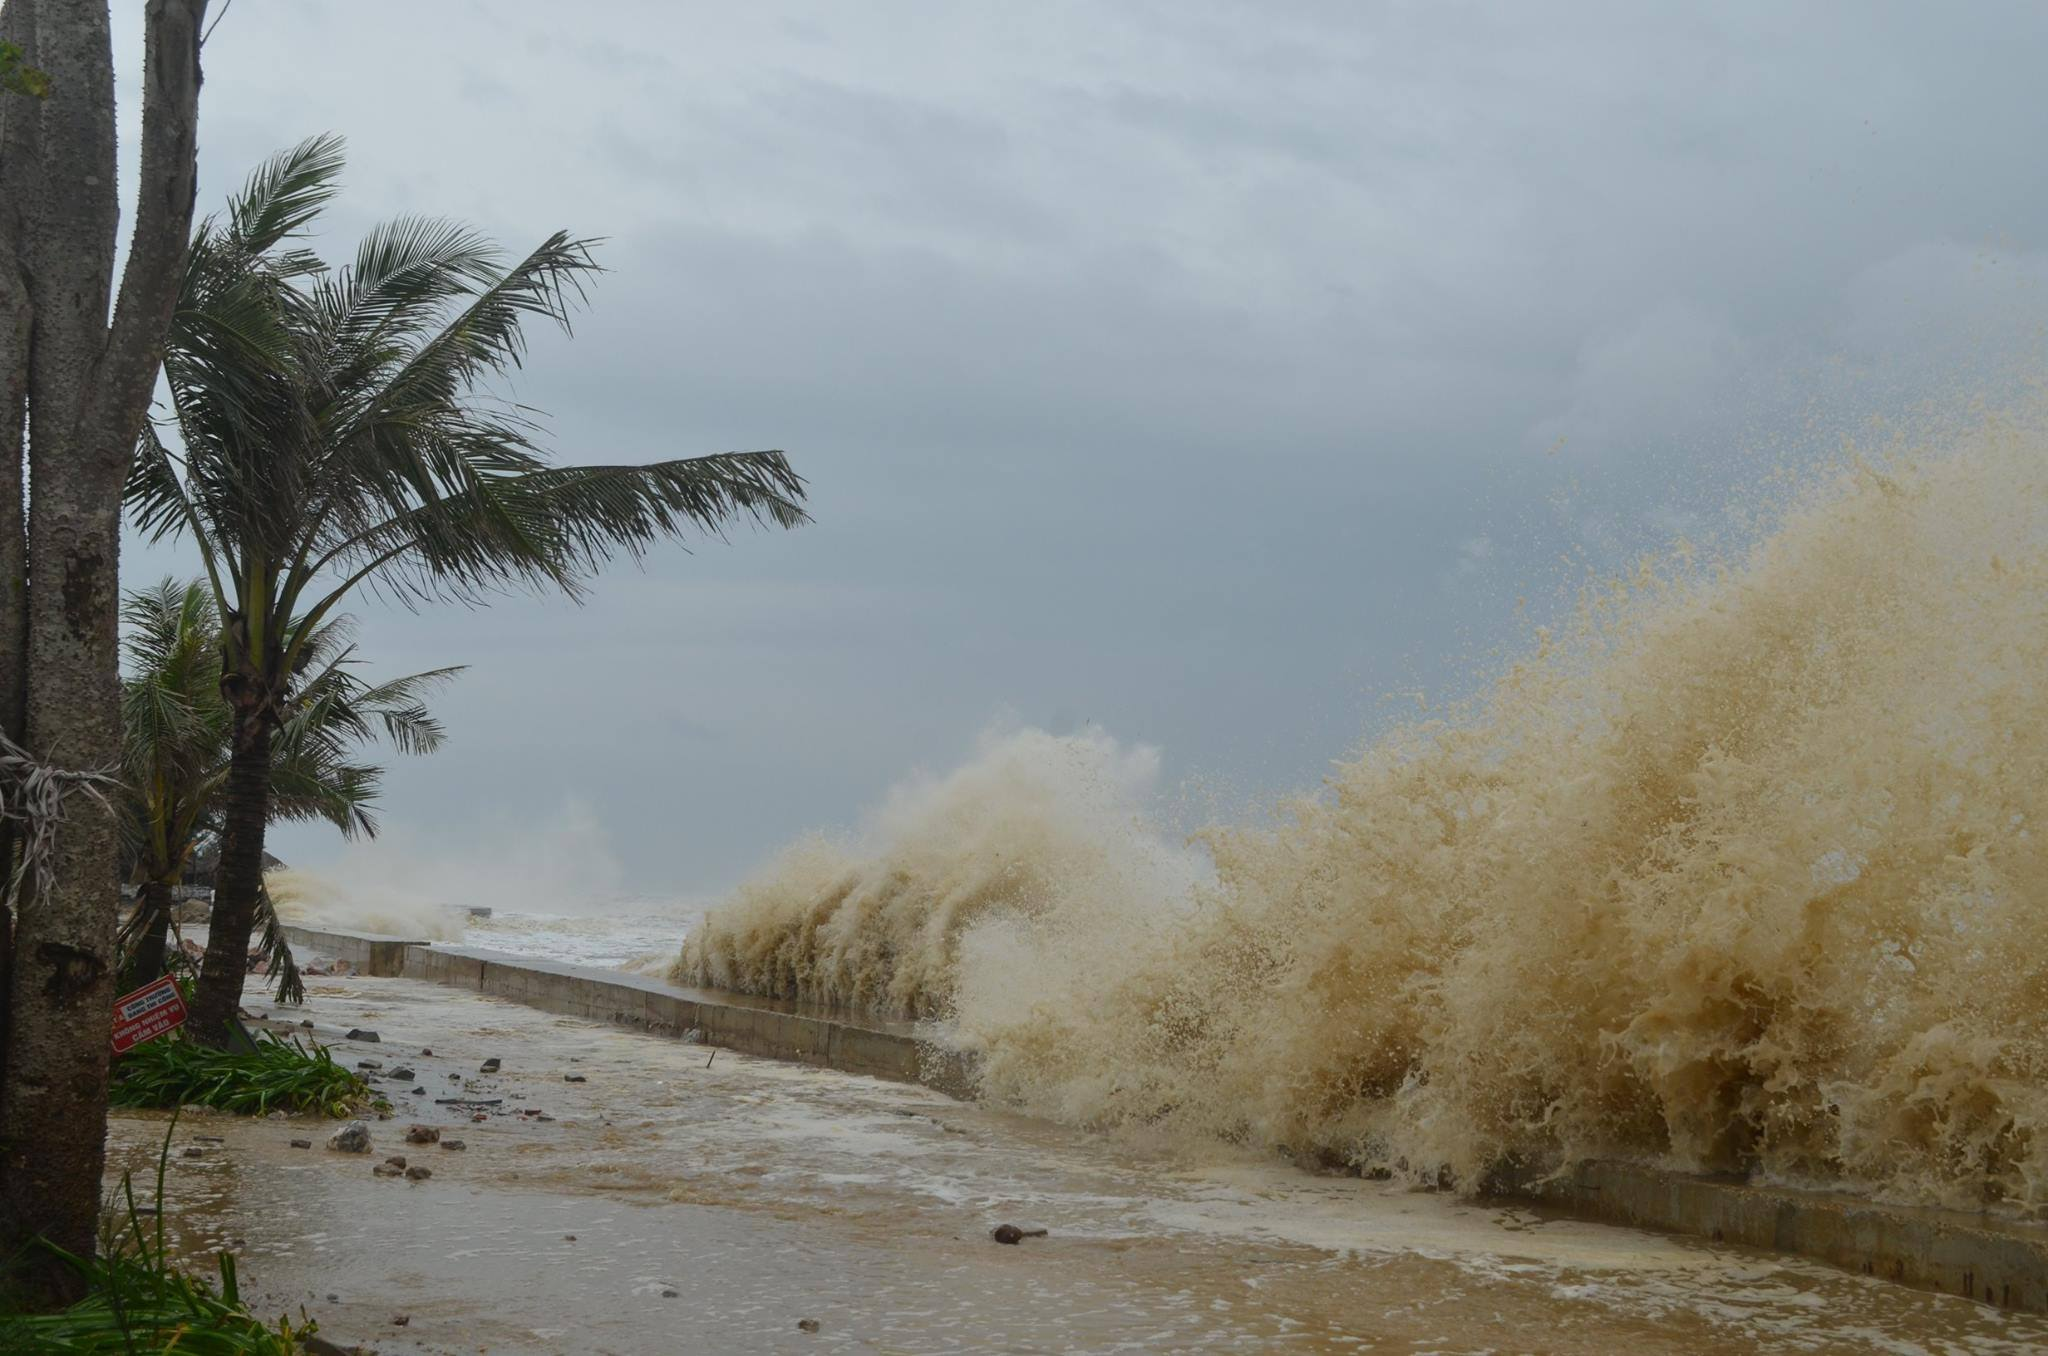 CẬP NHẬT bão số 10 ngày 15/9: Bão sang Lào sau 6 giờ quần thảo miền Trung - 27